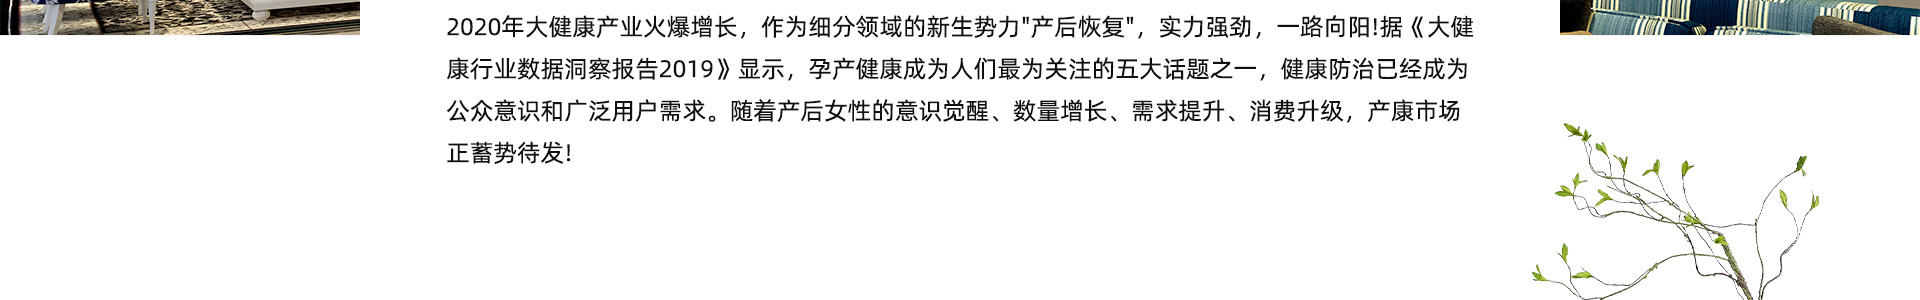 蘭馨美孕产后复龄中心详情页_07